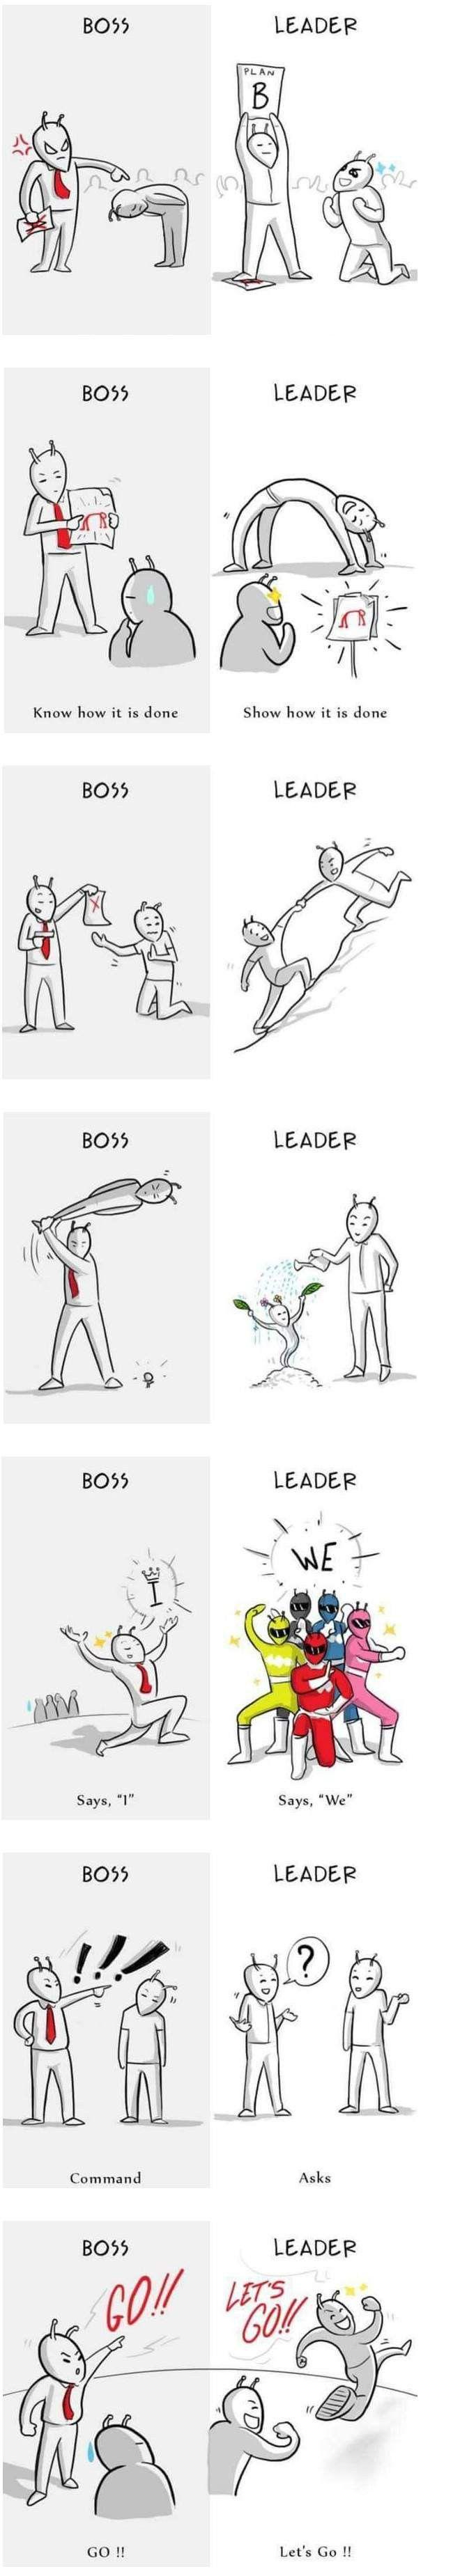 보스와 리더